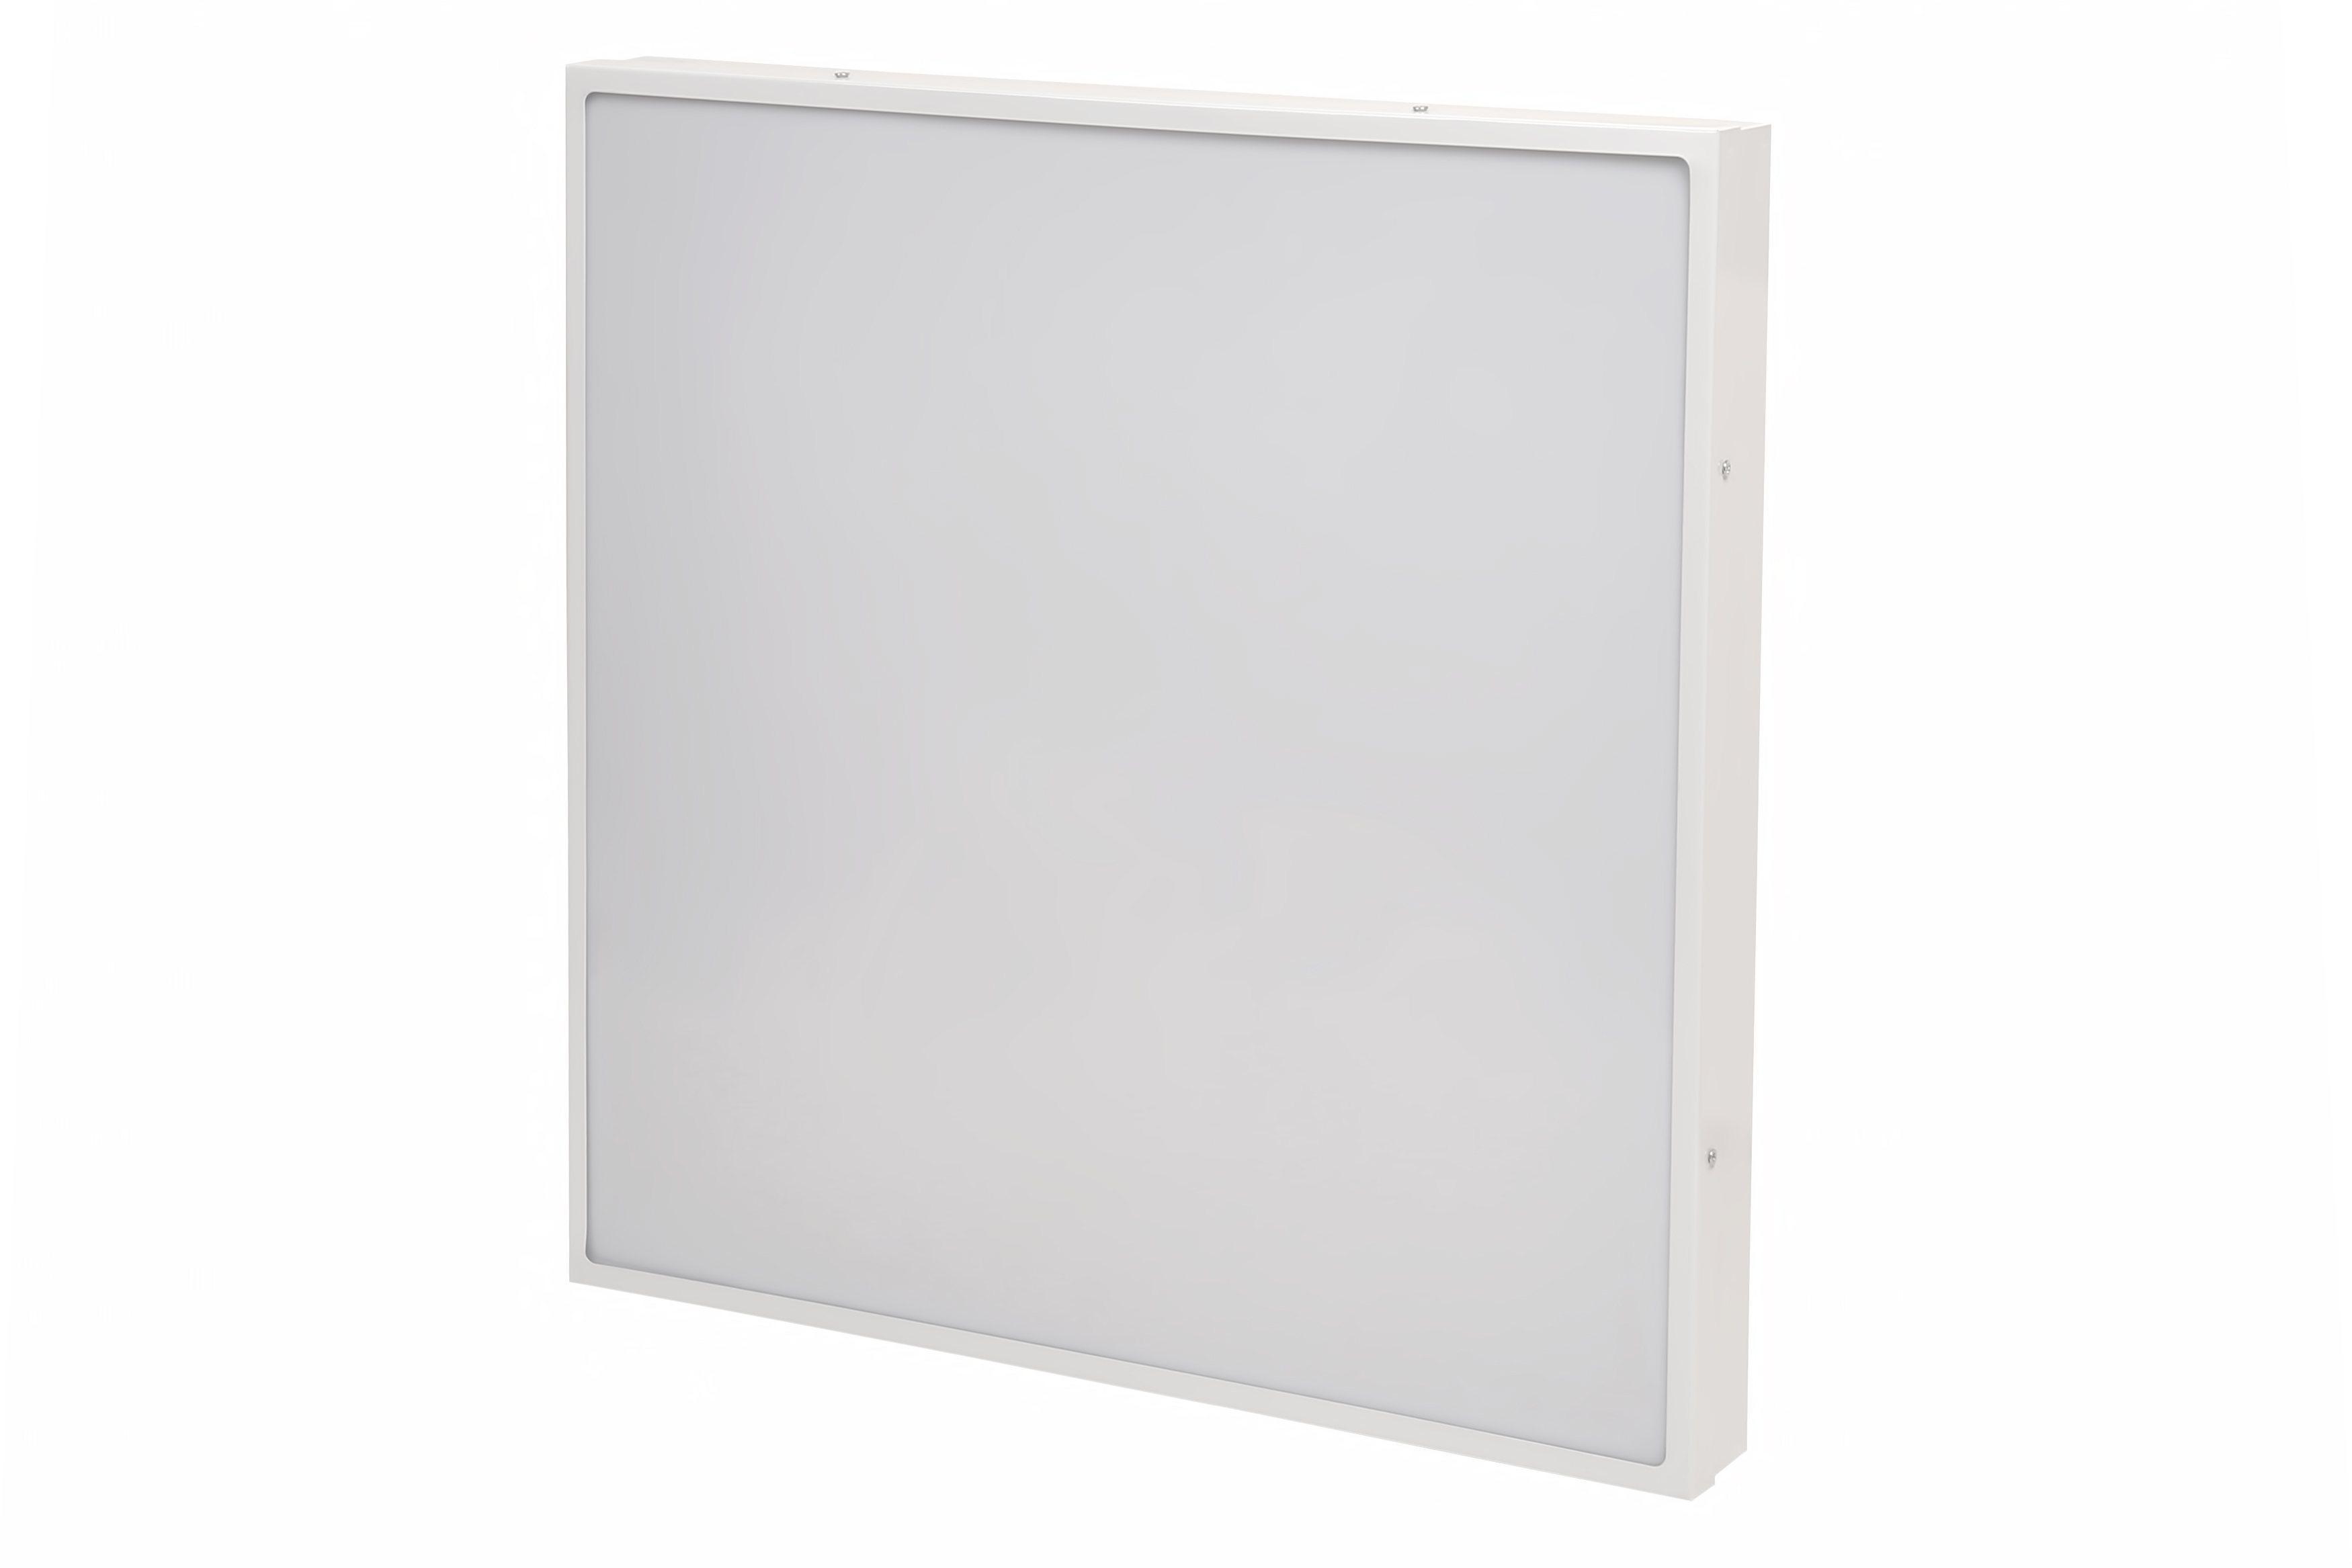 Универсальный светодиодный светильник Ledcraft LC-USZS-40W 595x595x58 40W Холодный белый